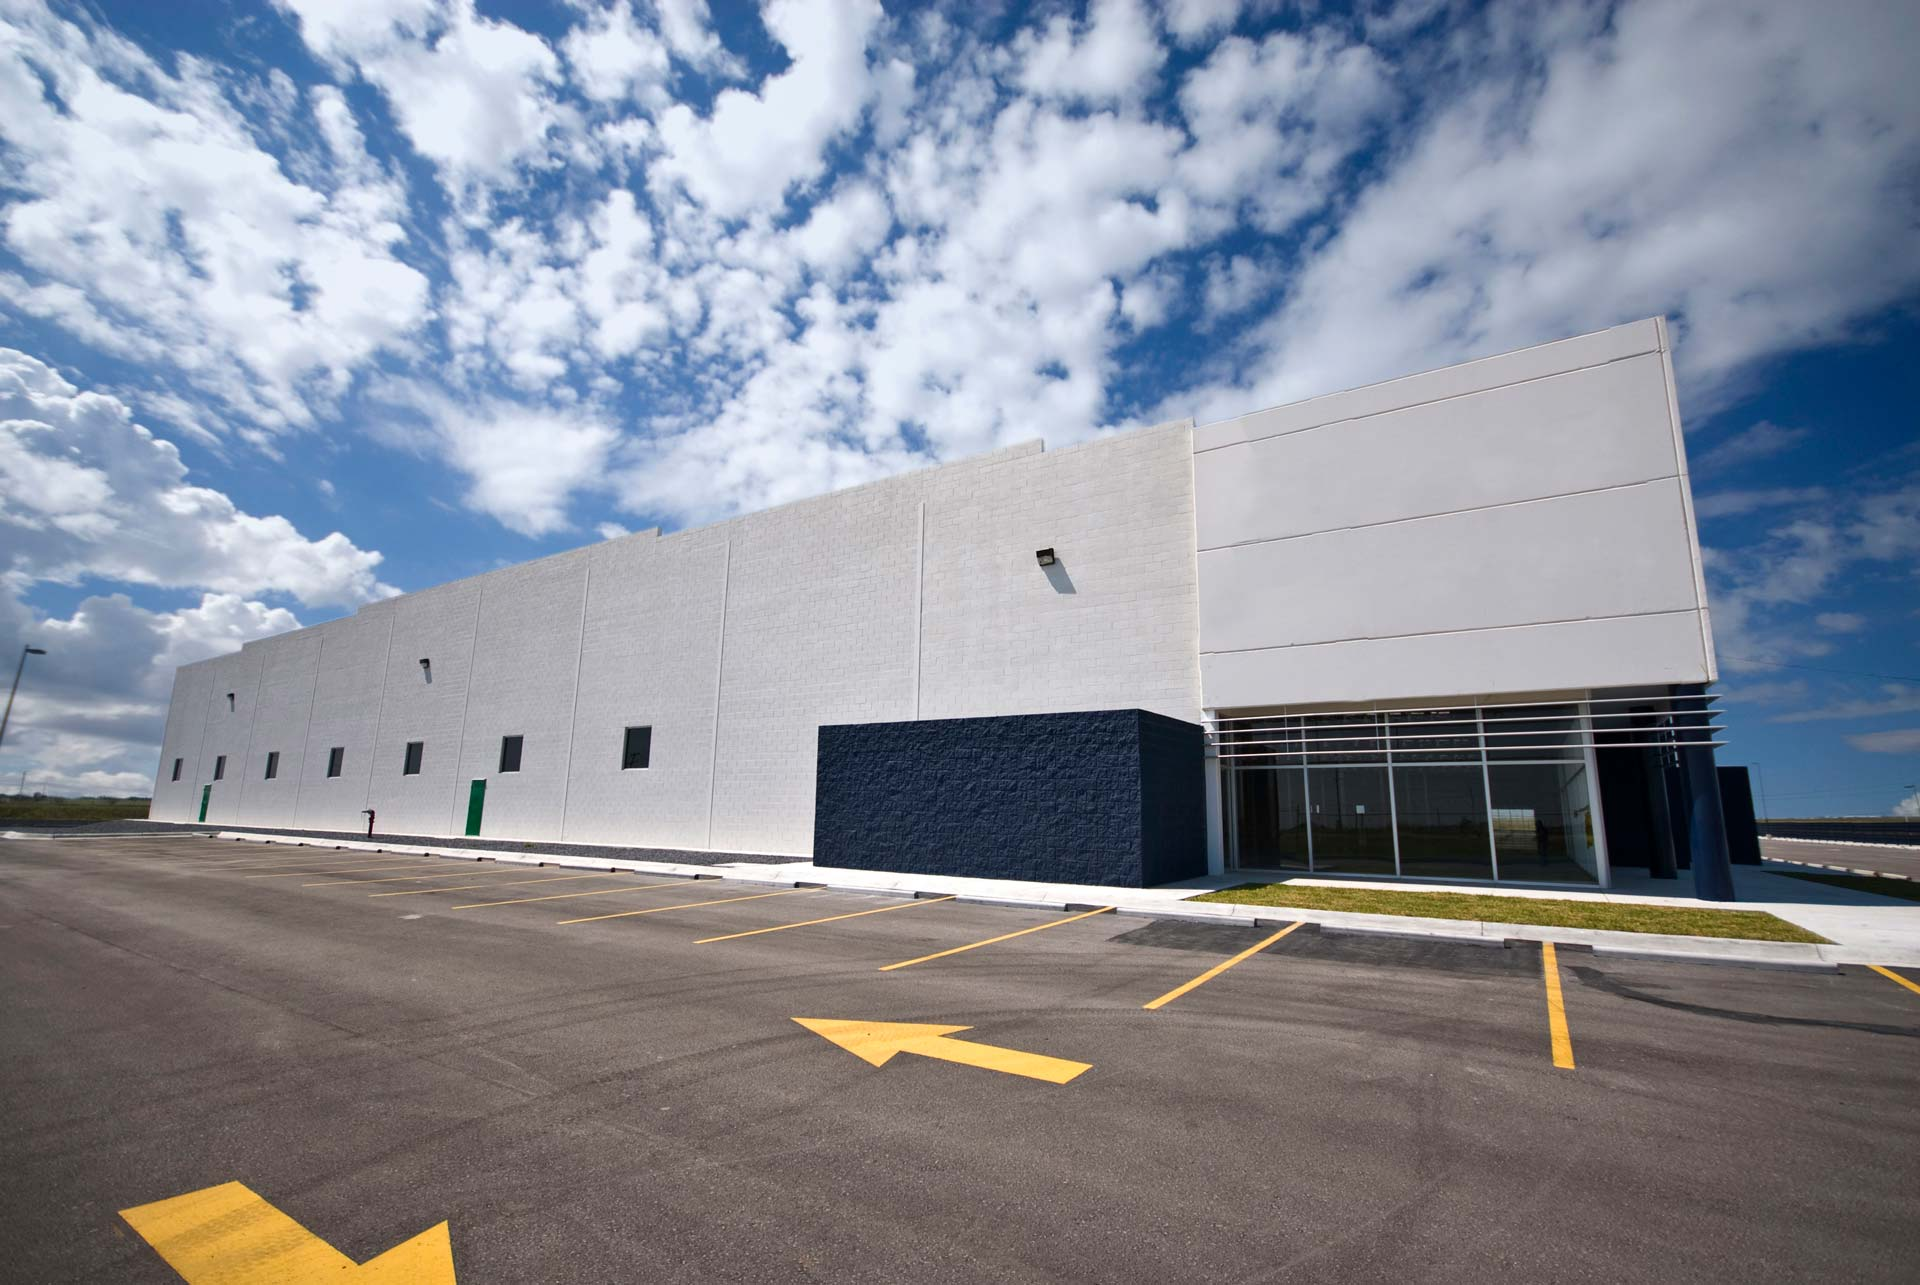 American Industries' Reynosa Industrial Park